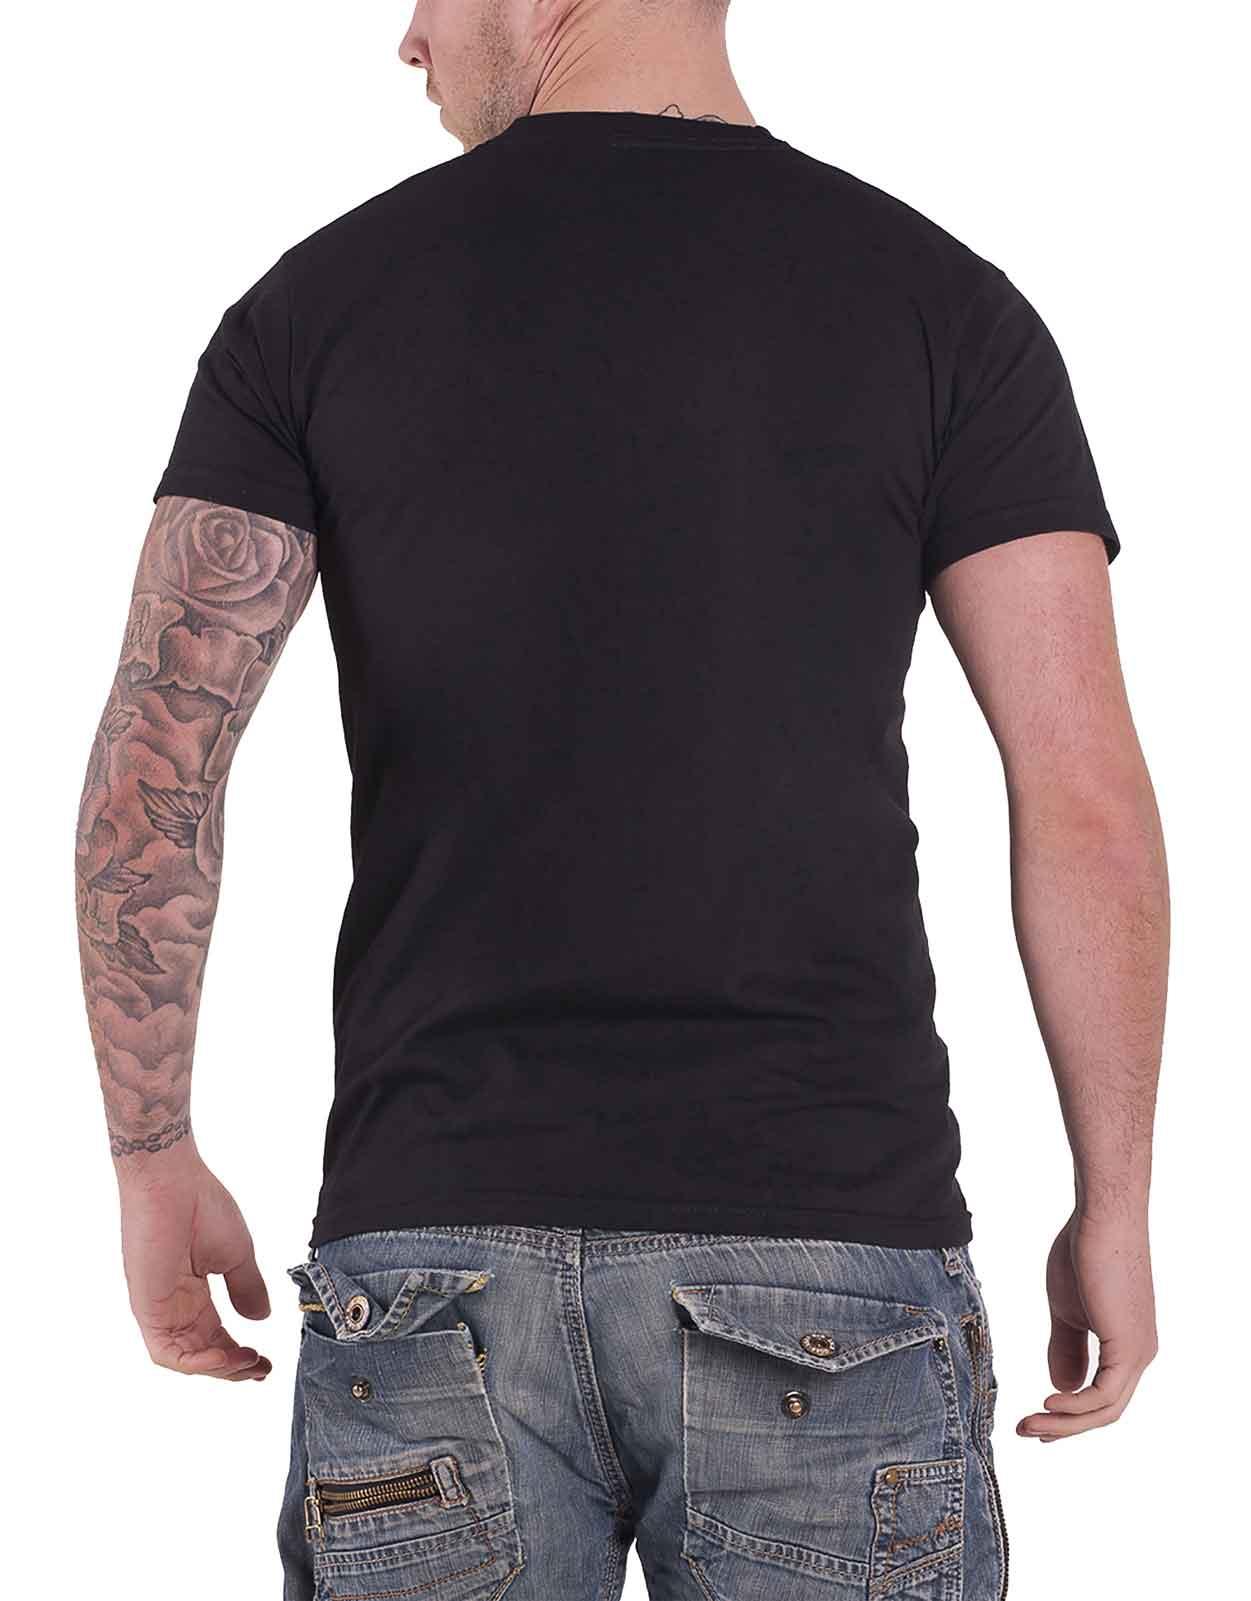 Rick-and-Morty-T-Shirt-Pickle-Rick-Portail-spirale-Wubba-Lubba-nouveau-officiel-Homme miniature 7